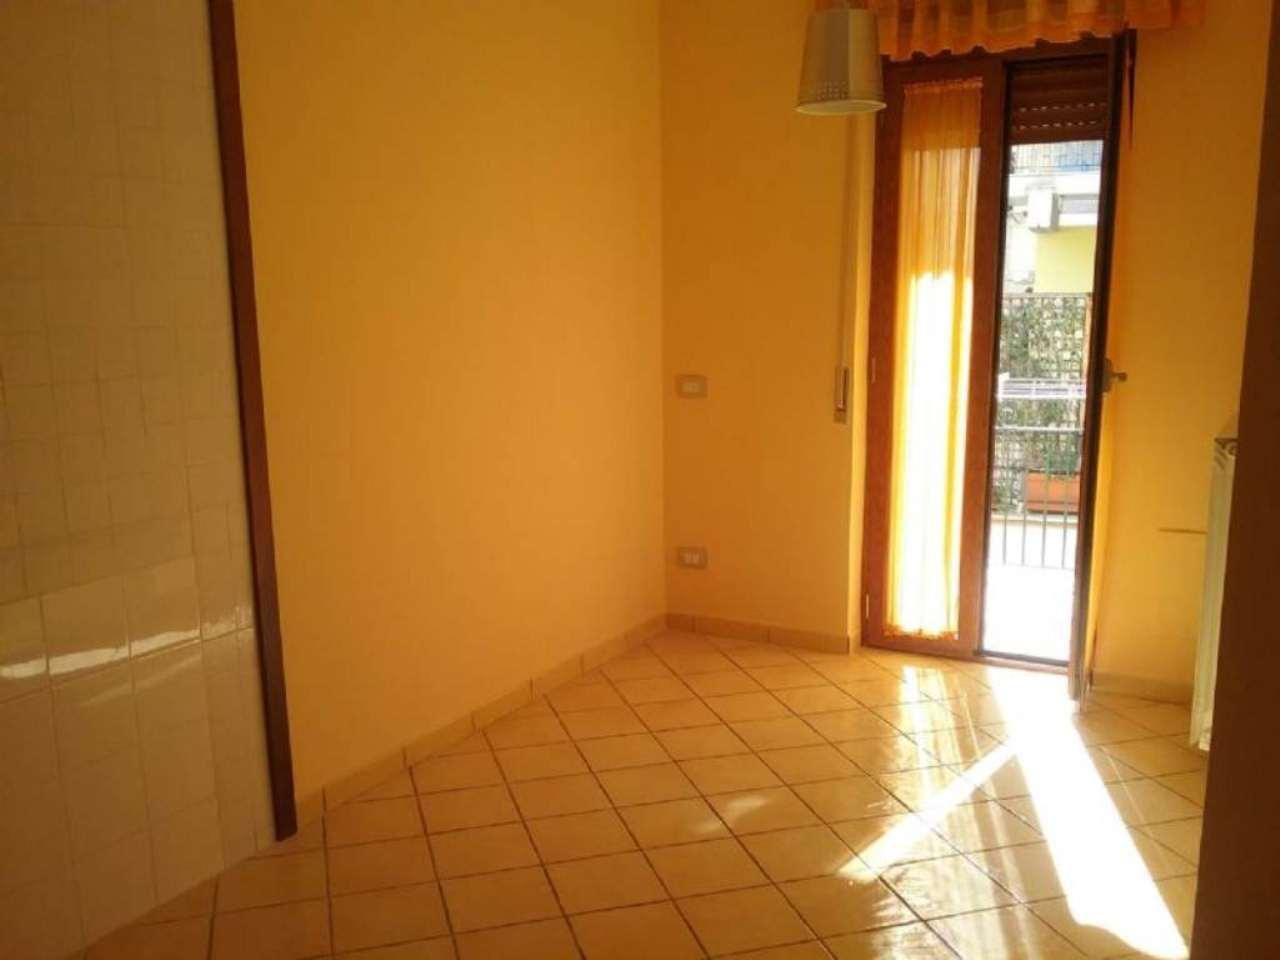 Appartamento in vendita a Bacoli, 3 locali, prezzo € 250.000 | Cambio Casa.it